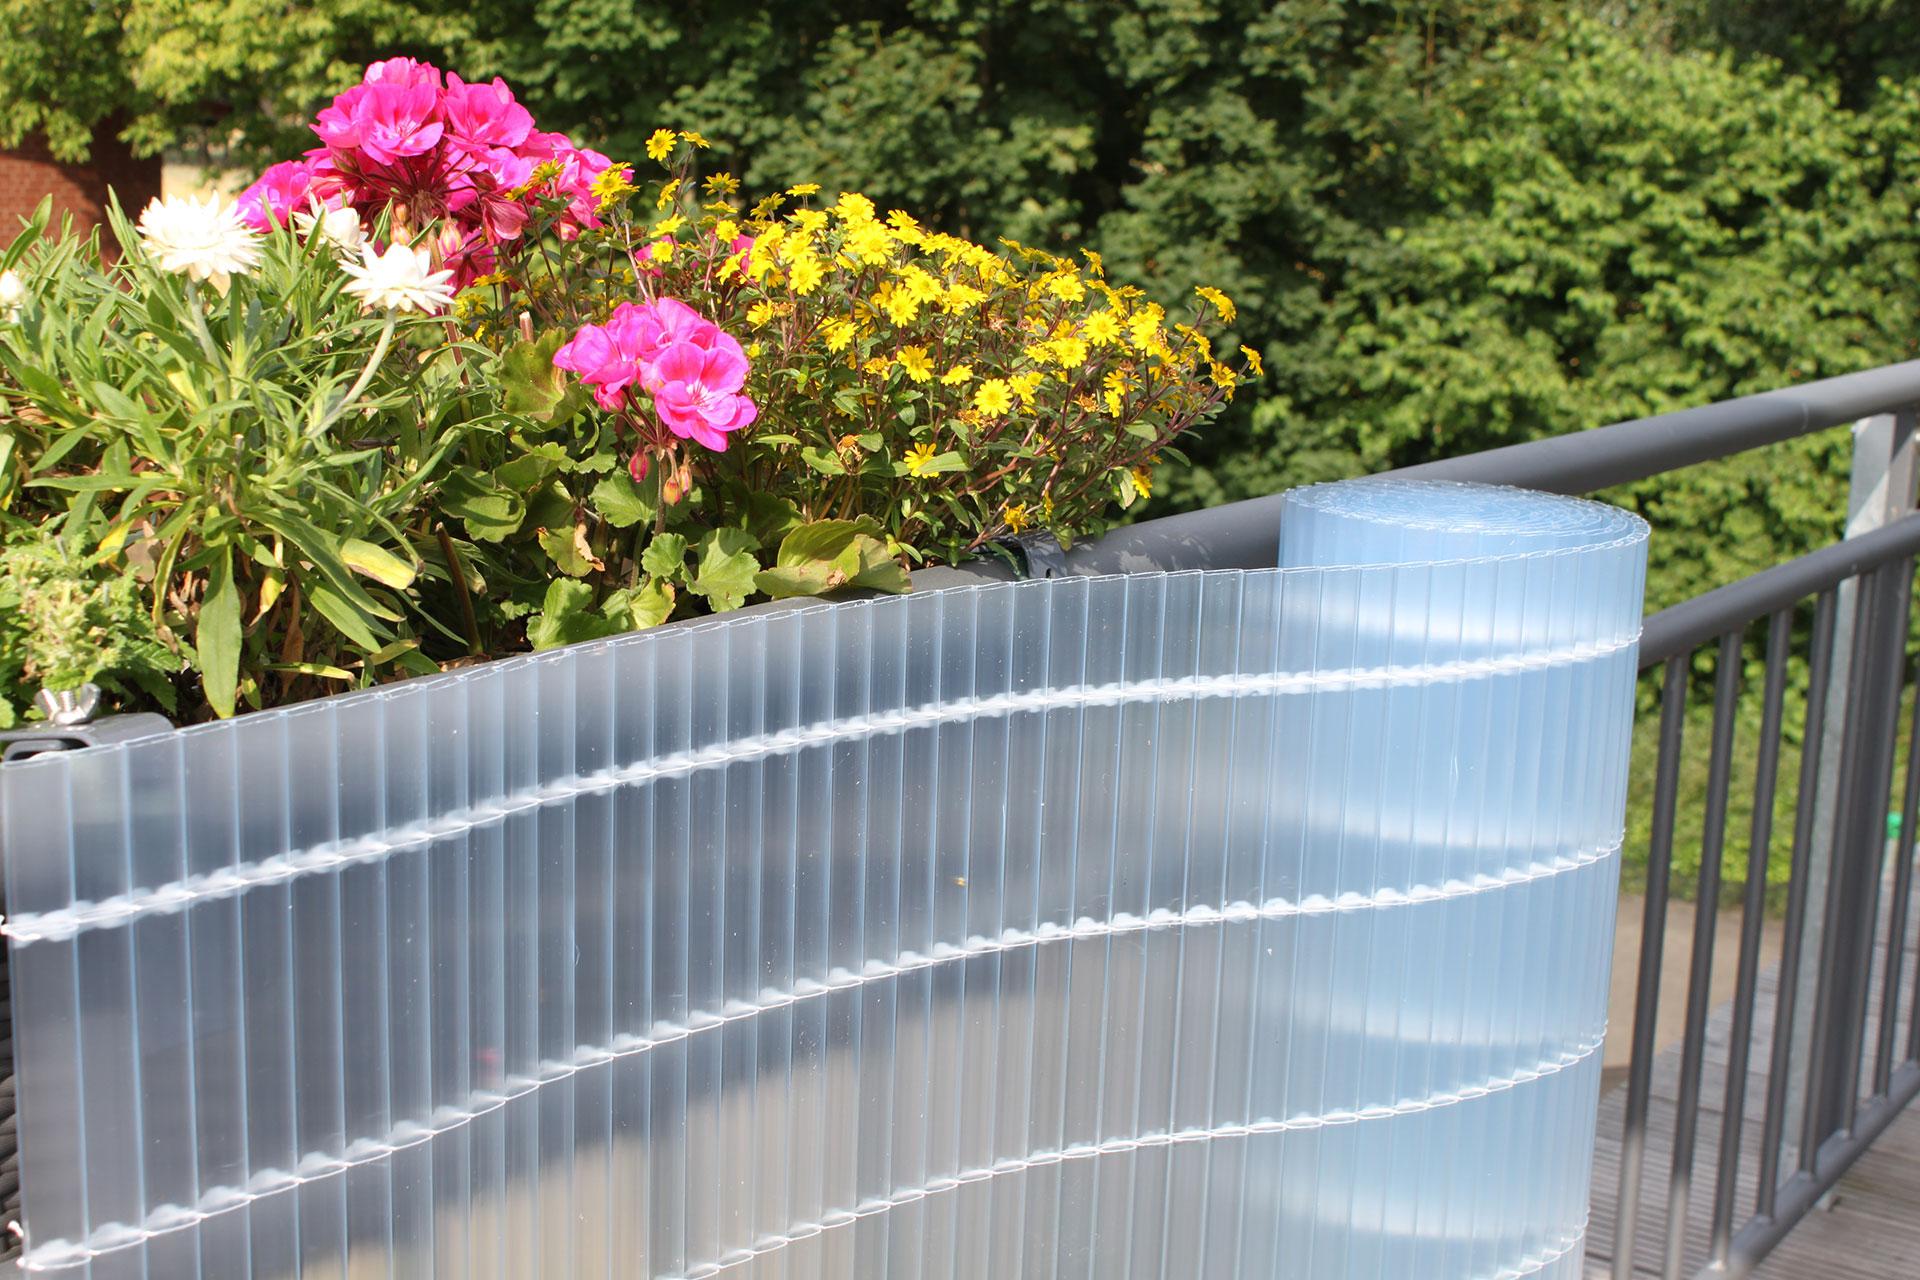 Balkonverkleidung Videx Sichtschutzmatten PVC Rügen